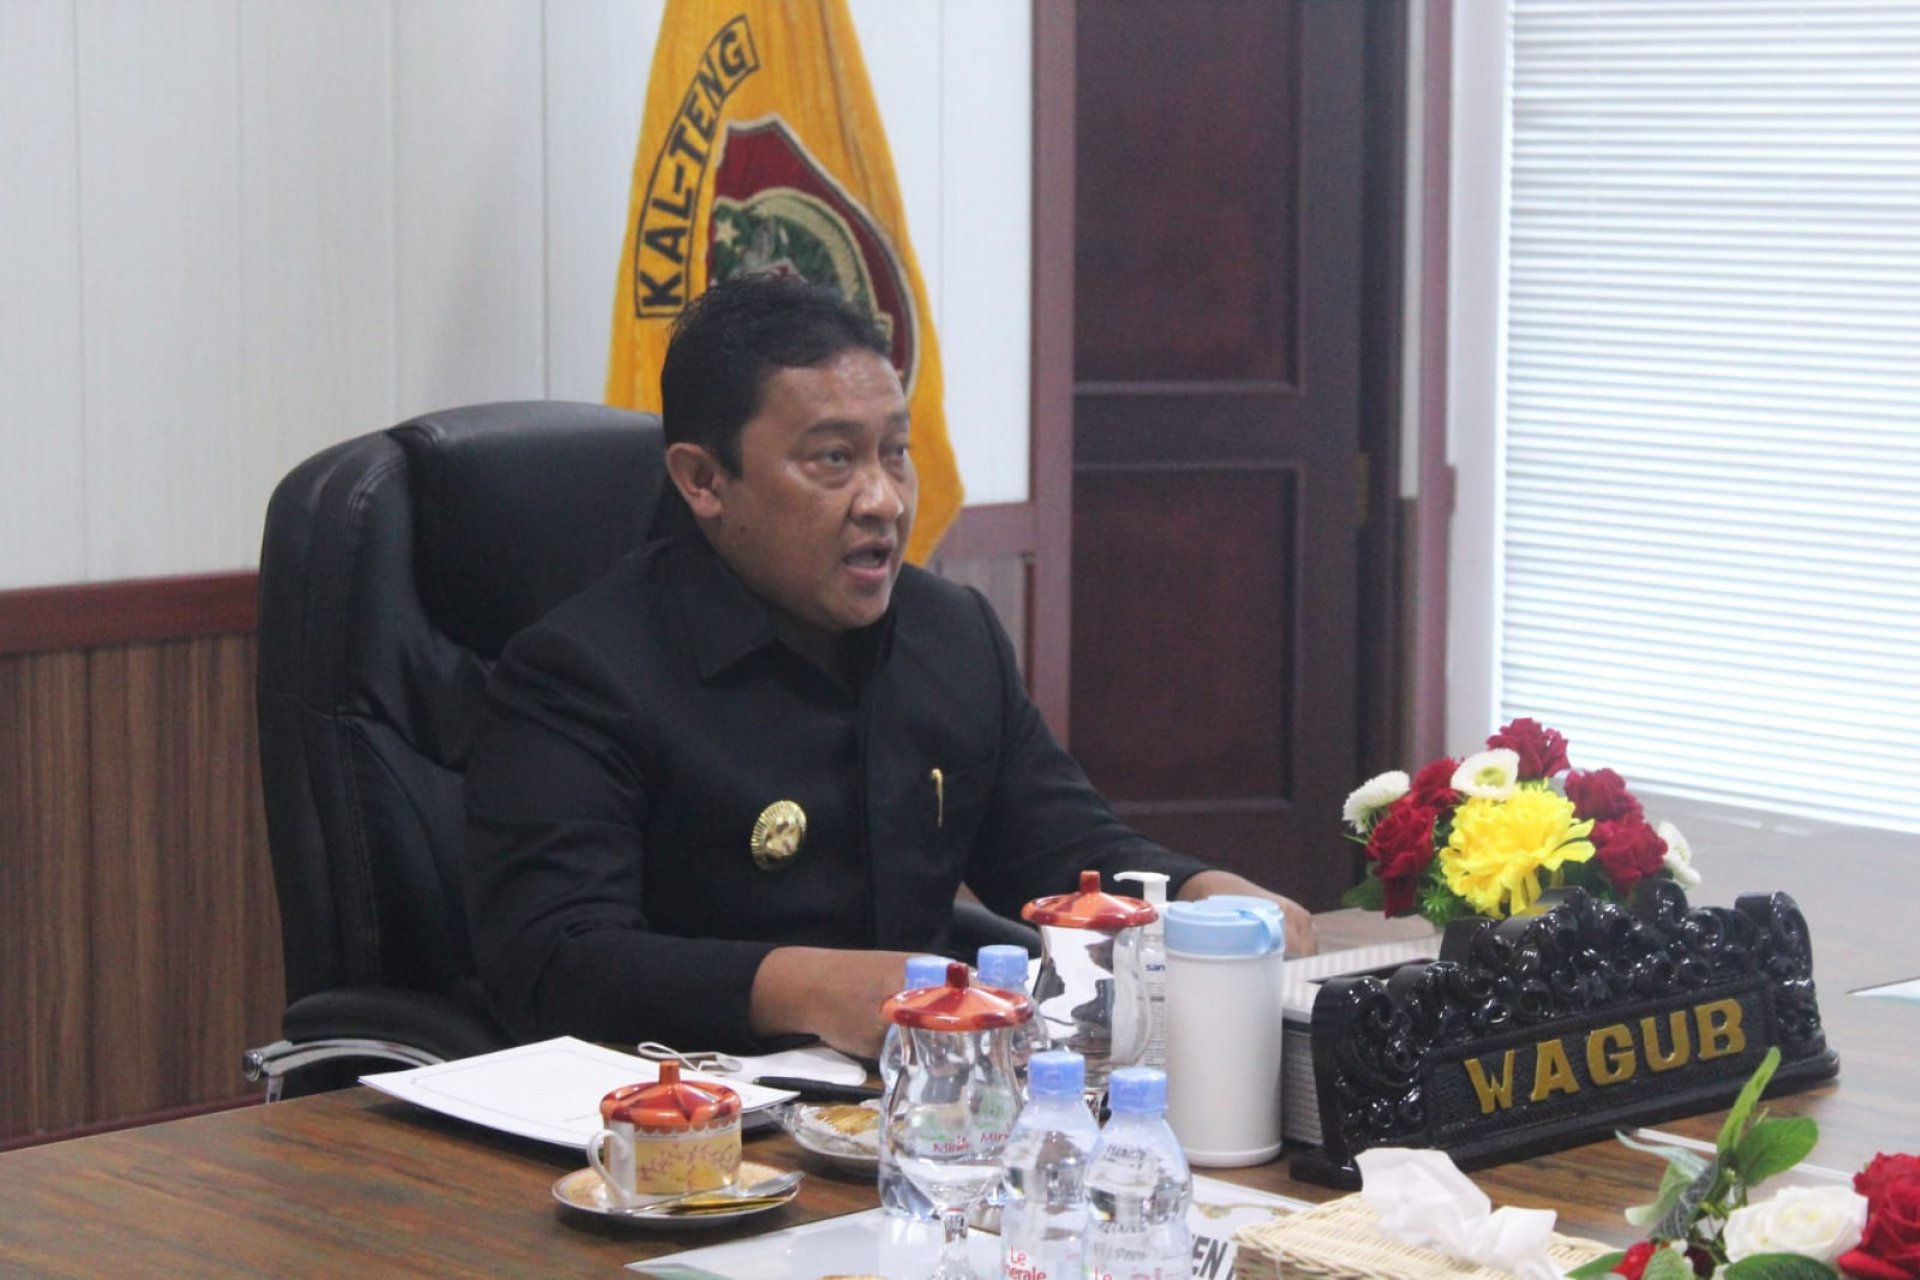 Wagub Kalteng Hadiri Rapat Paripurna Penutupan Masa Persidangan II dan Pembukaan Masa Persidangan III Tahun Sidang 2021